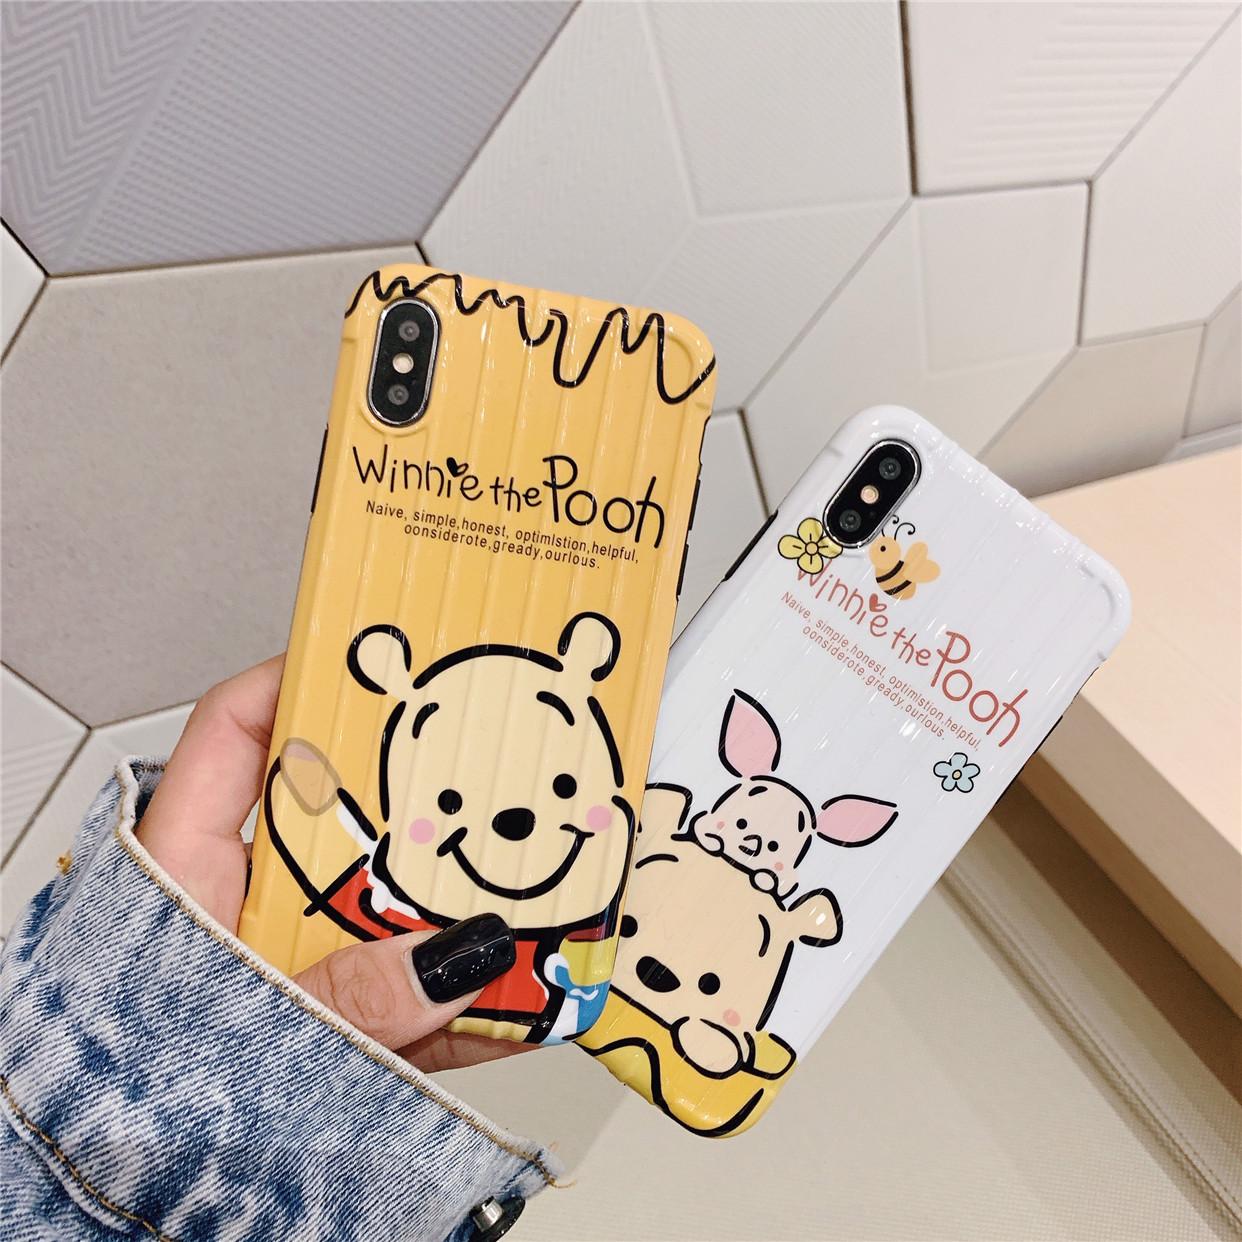 11月29日最新优惠opporeno小熊oppor15手机壳r17硅胶r11/r11s男女款r15x